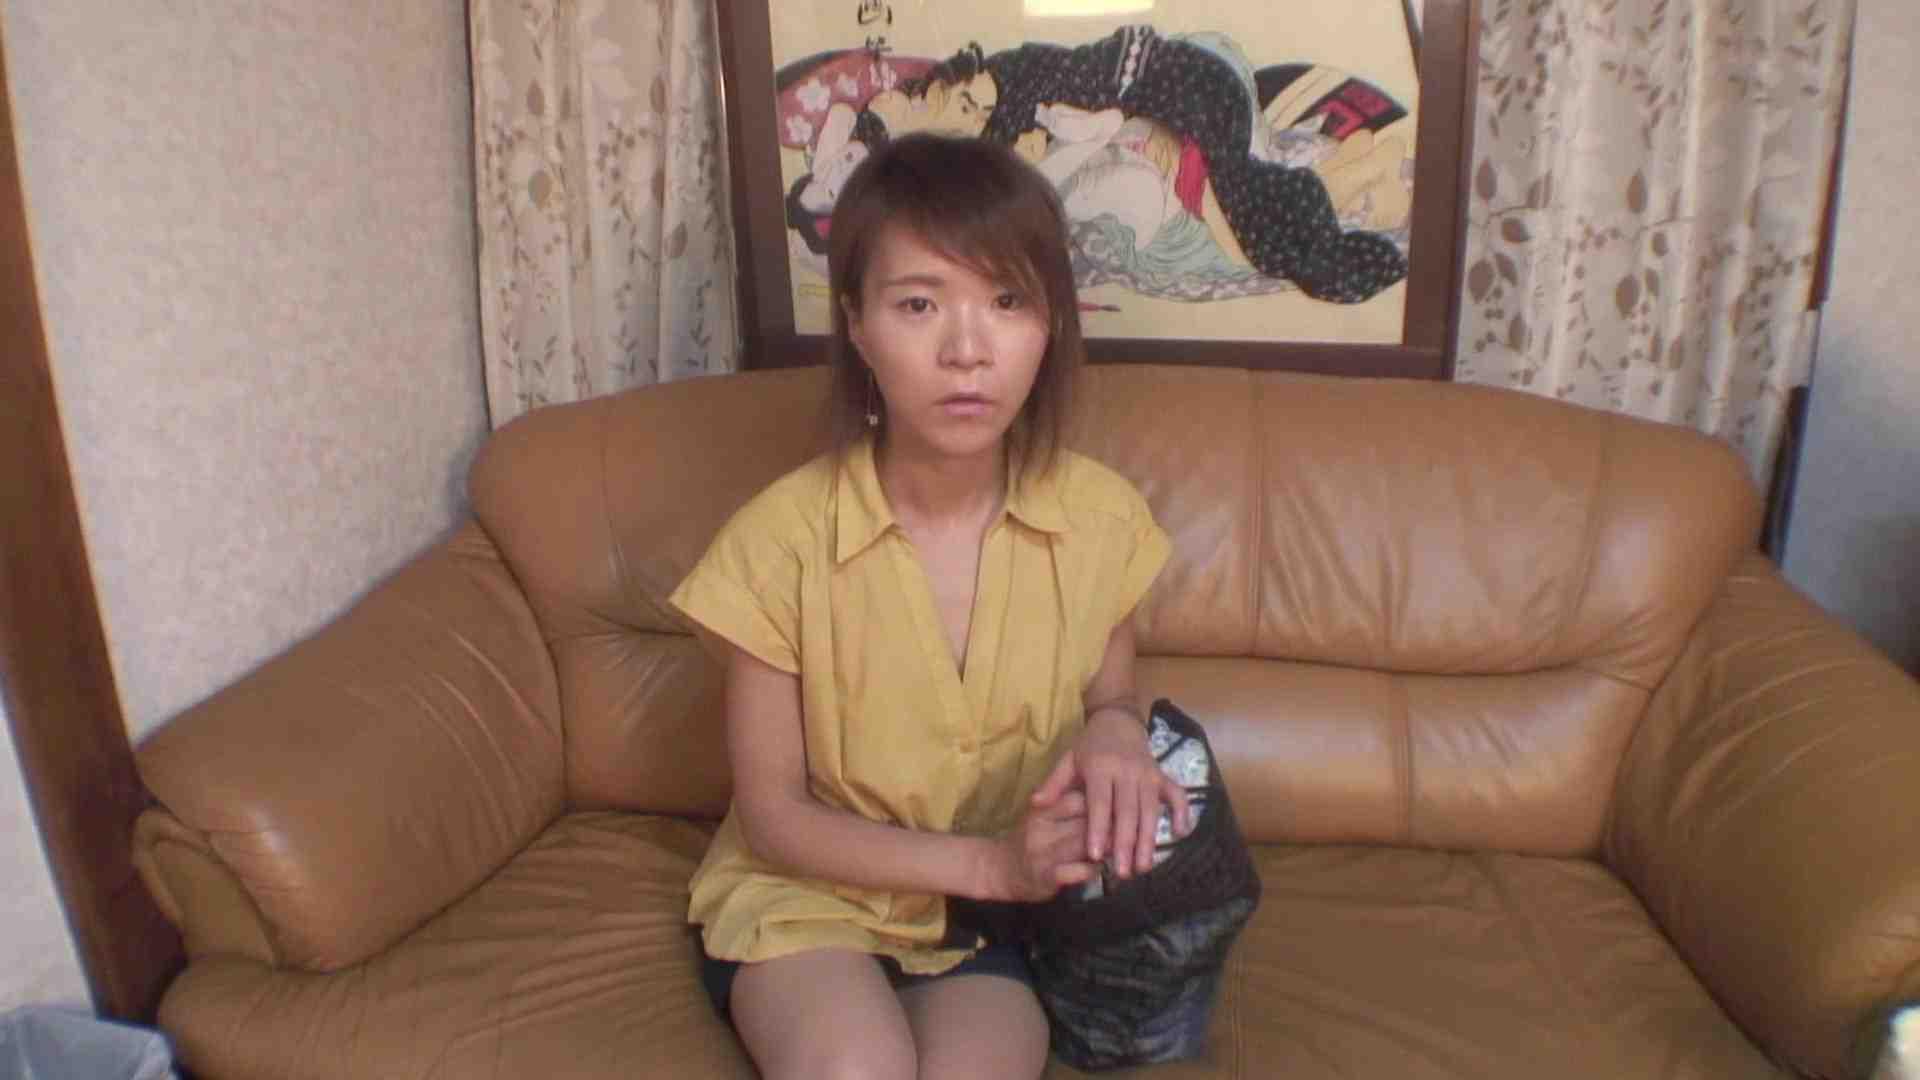 鬼才沖本監督作品 フェラしか出来ない女 セックス オメコ無修正動画無料 86枚 31